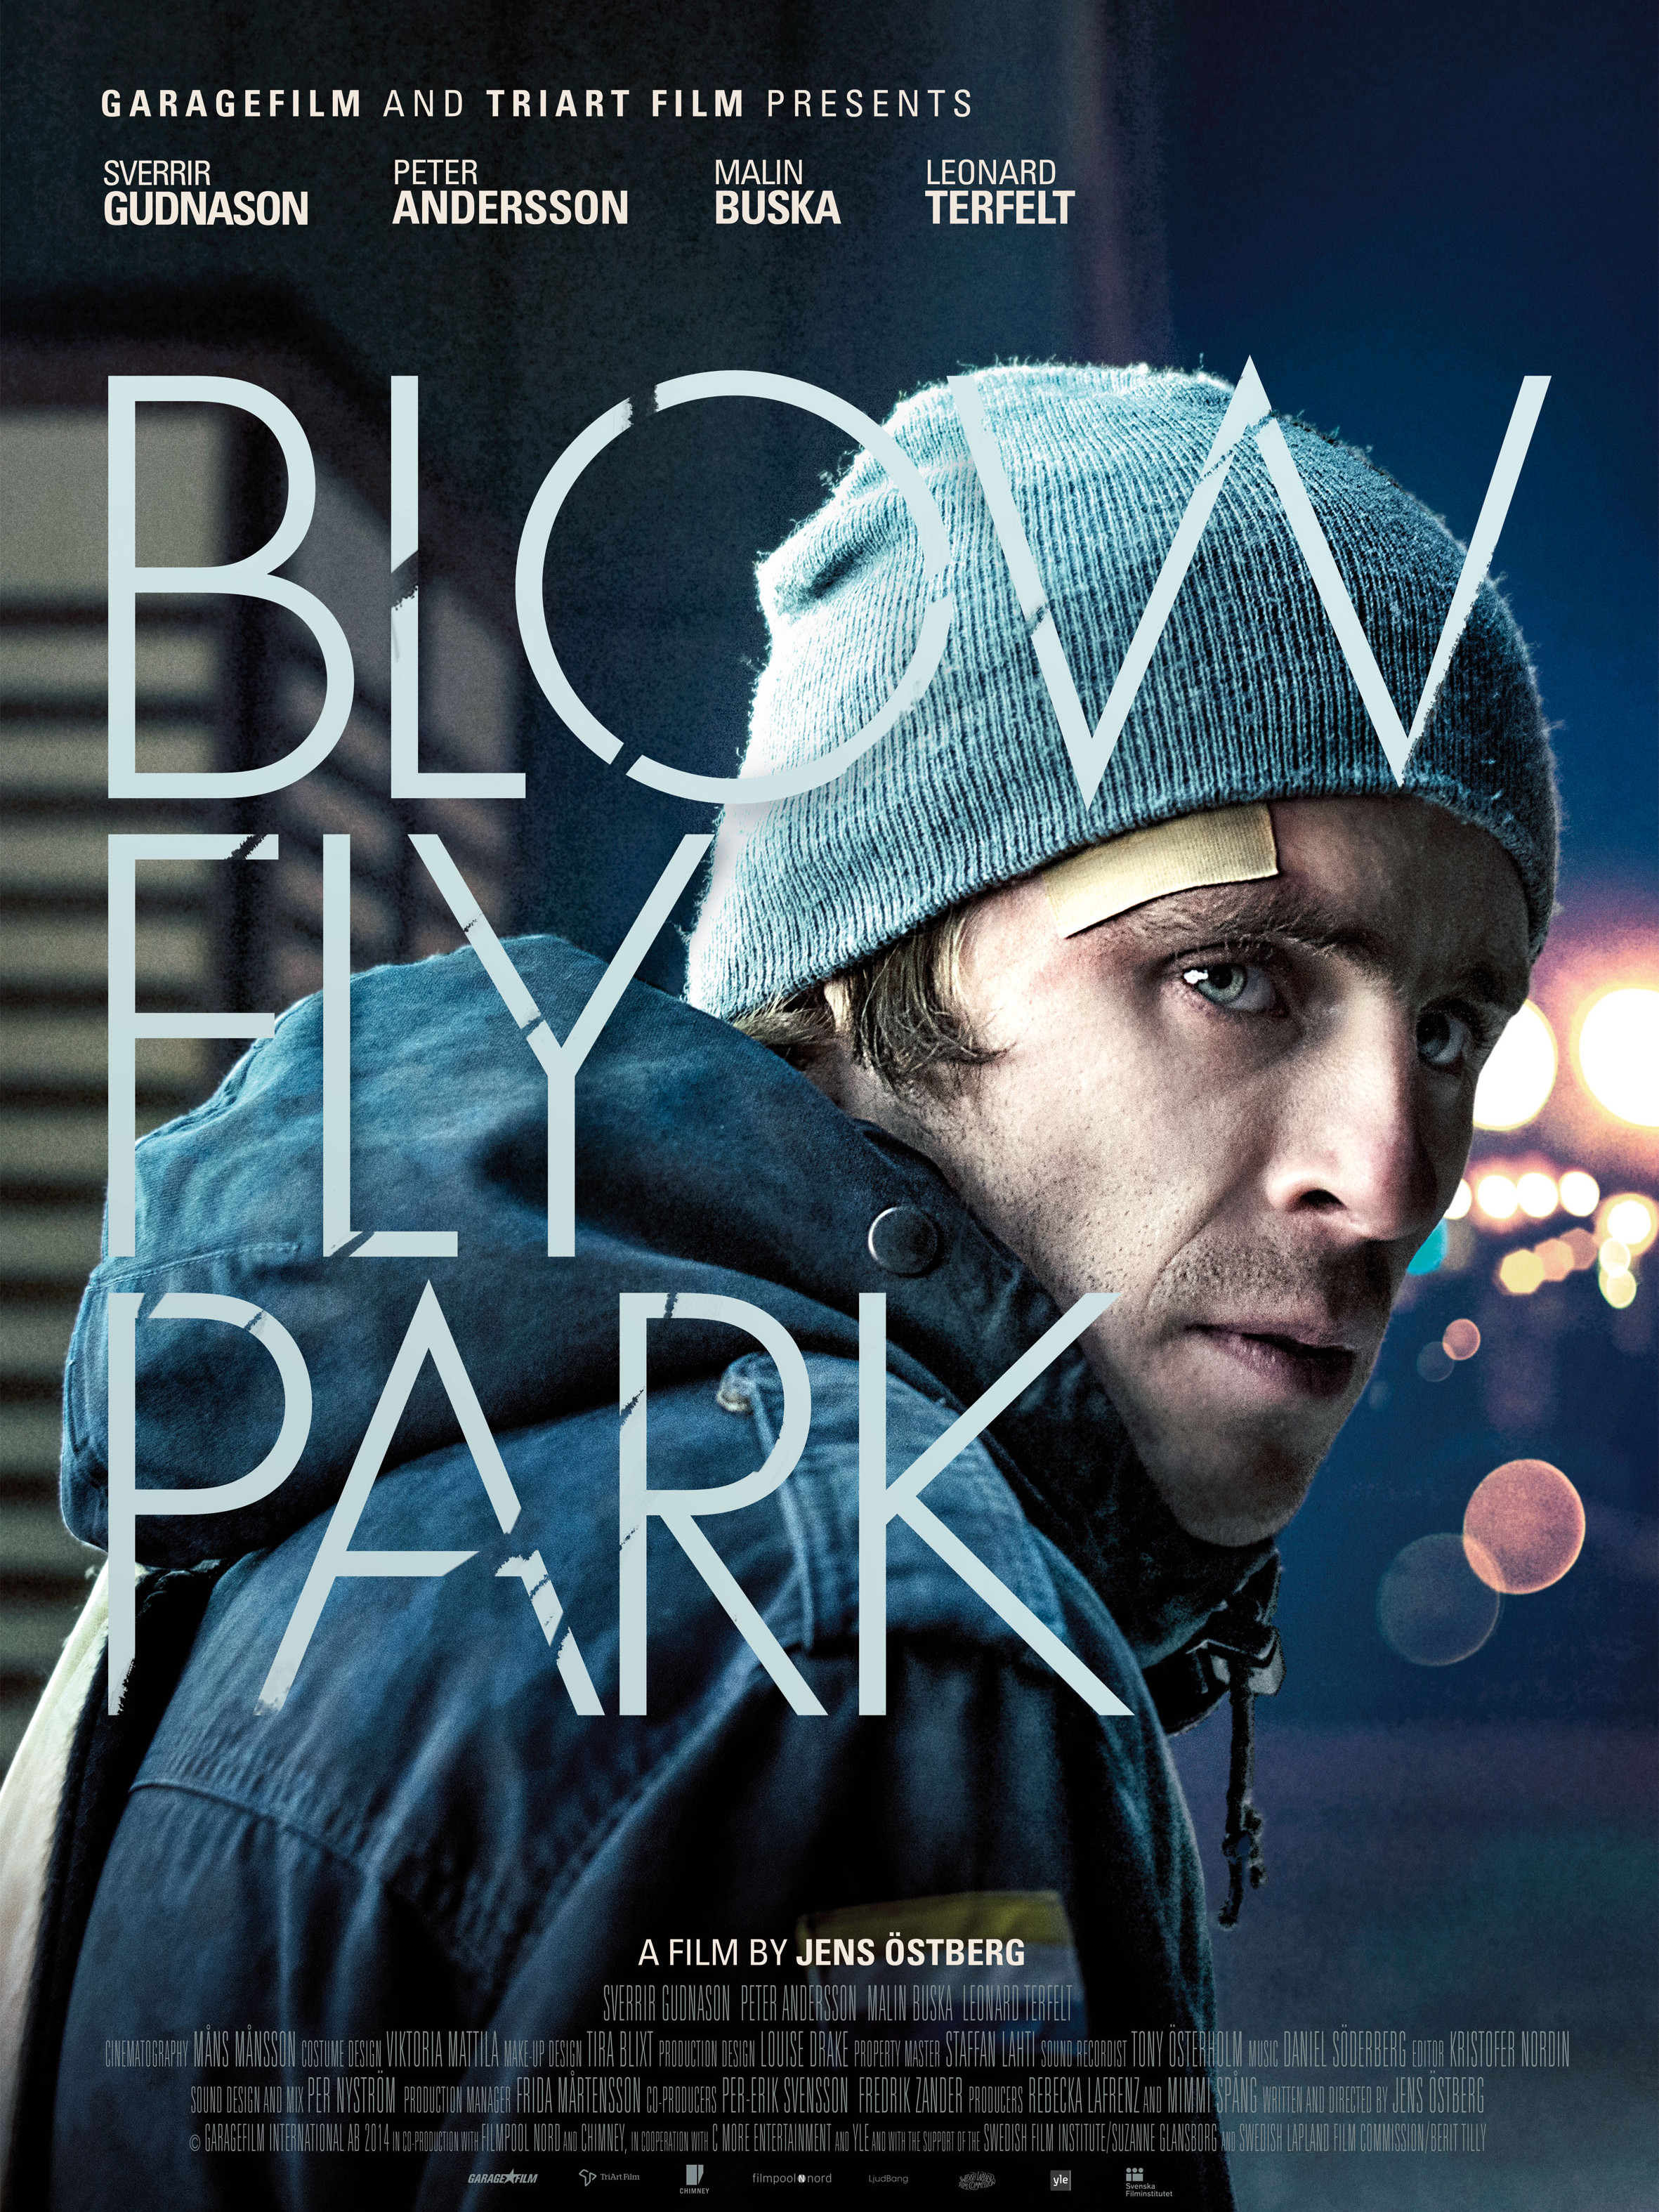 Blowfly Park | Östberg, Jens (Réalisateur)